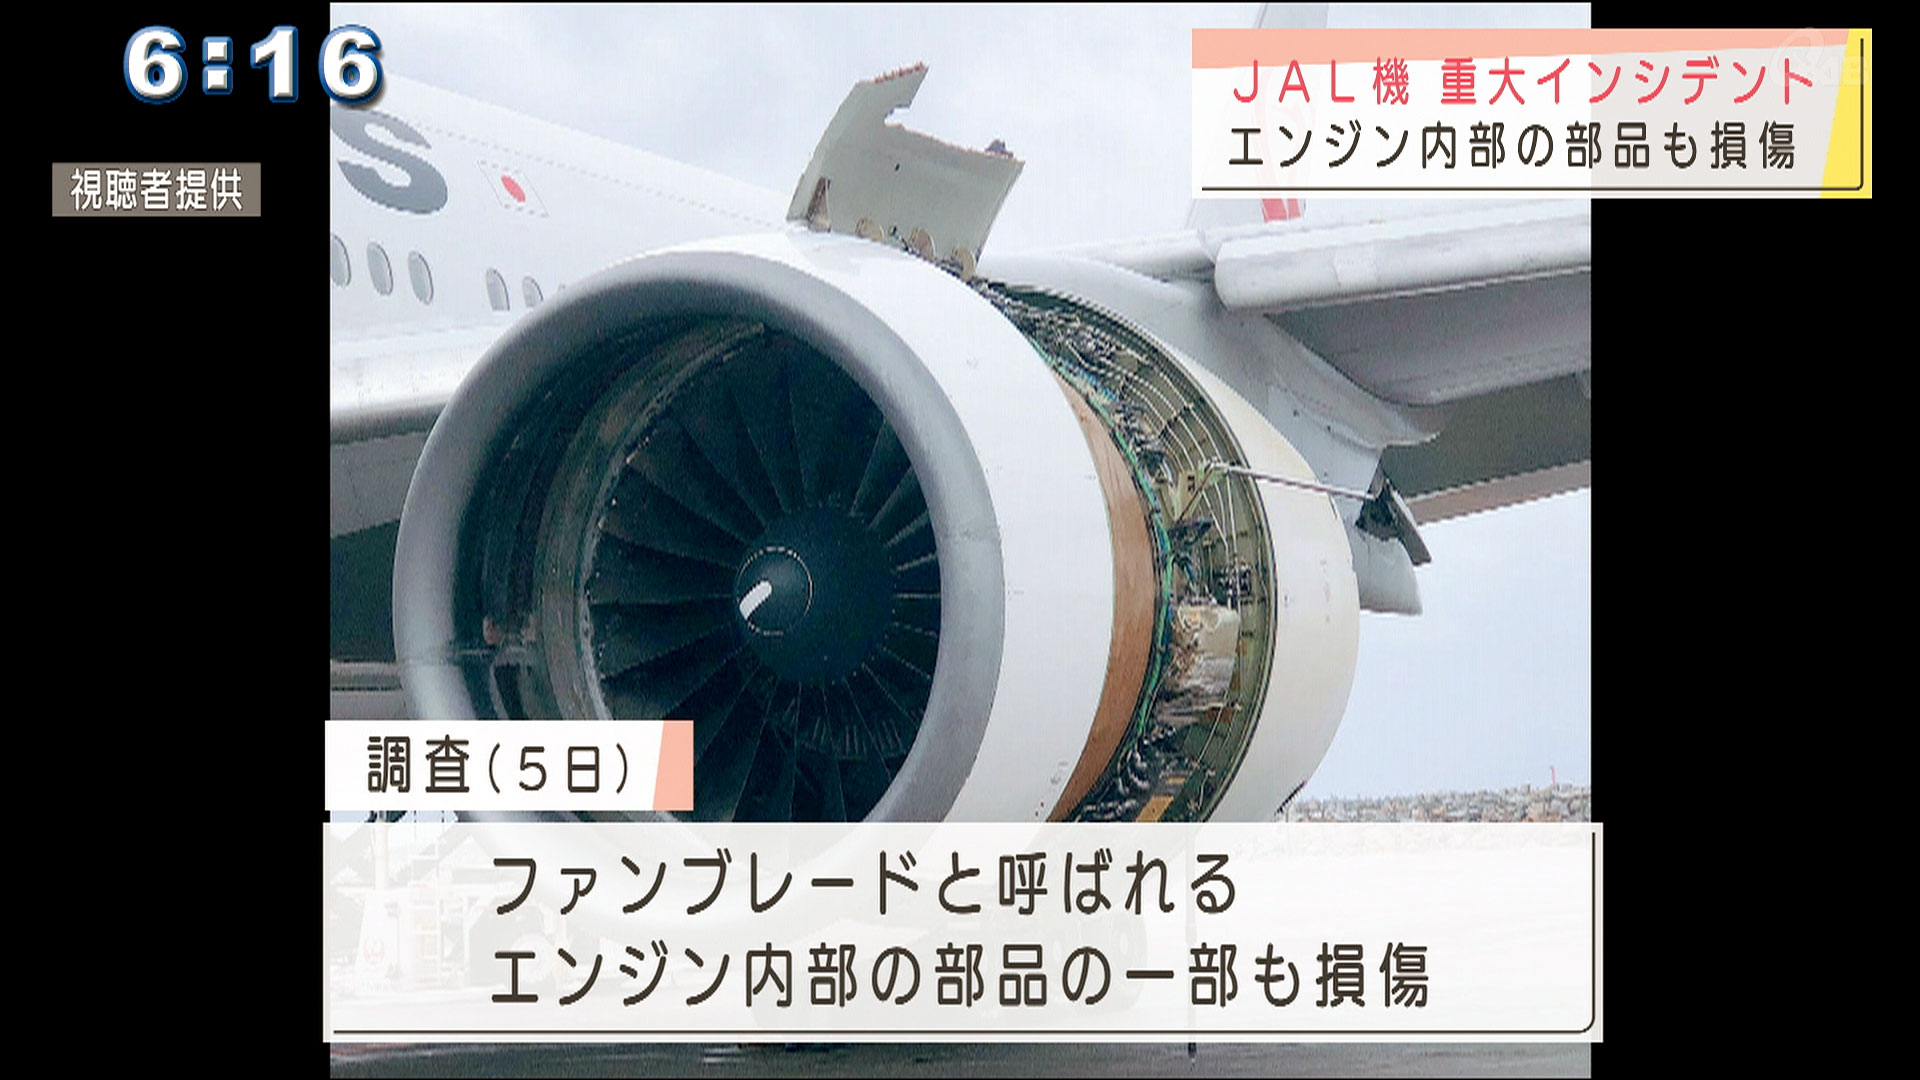 日航機エンジントラブル 沖縄での調査終了